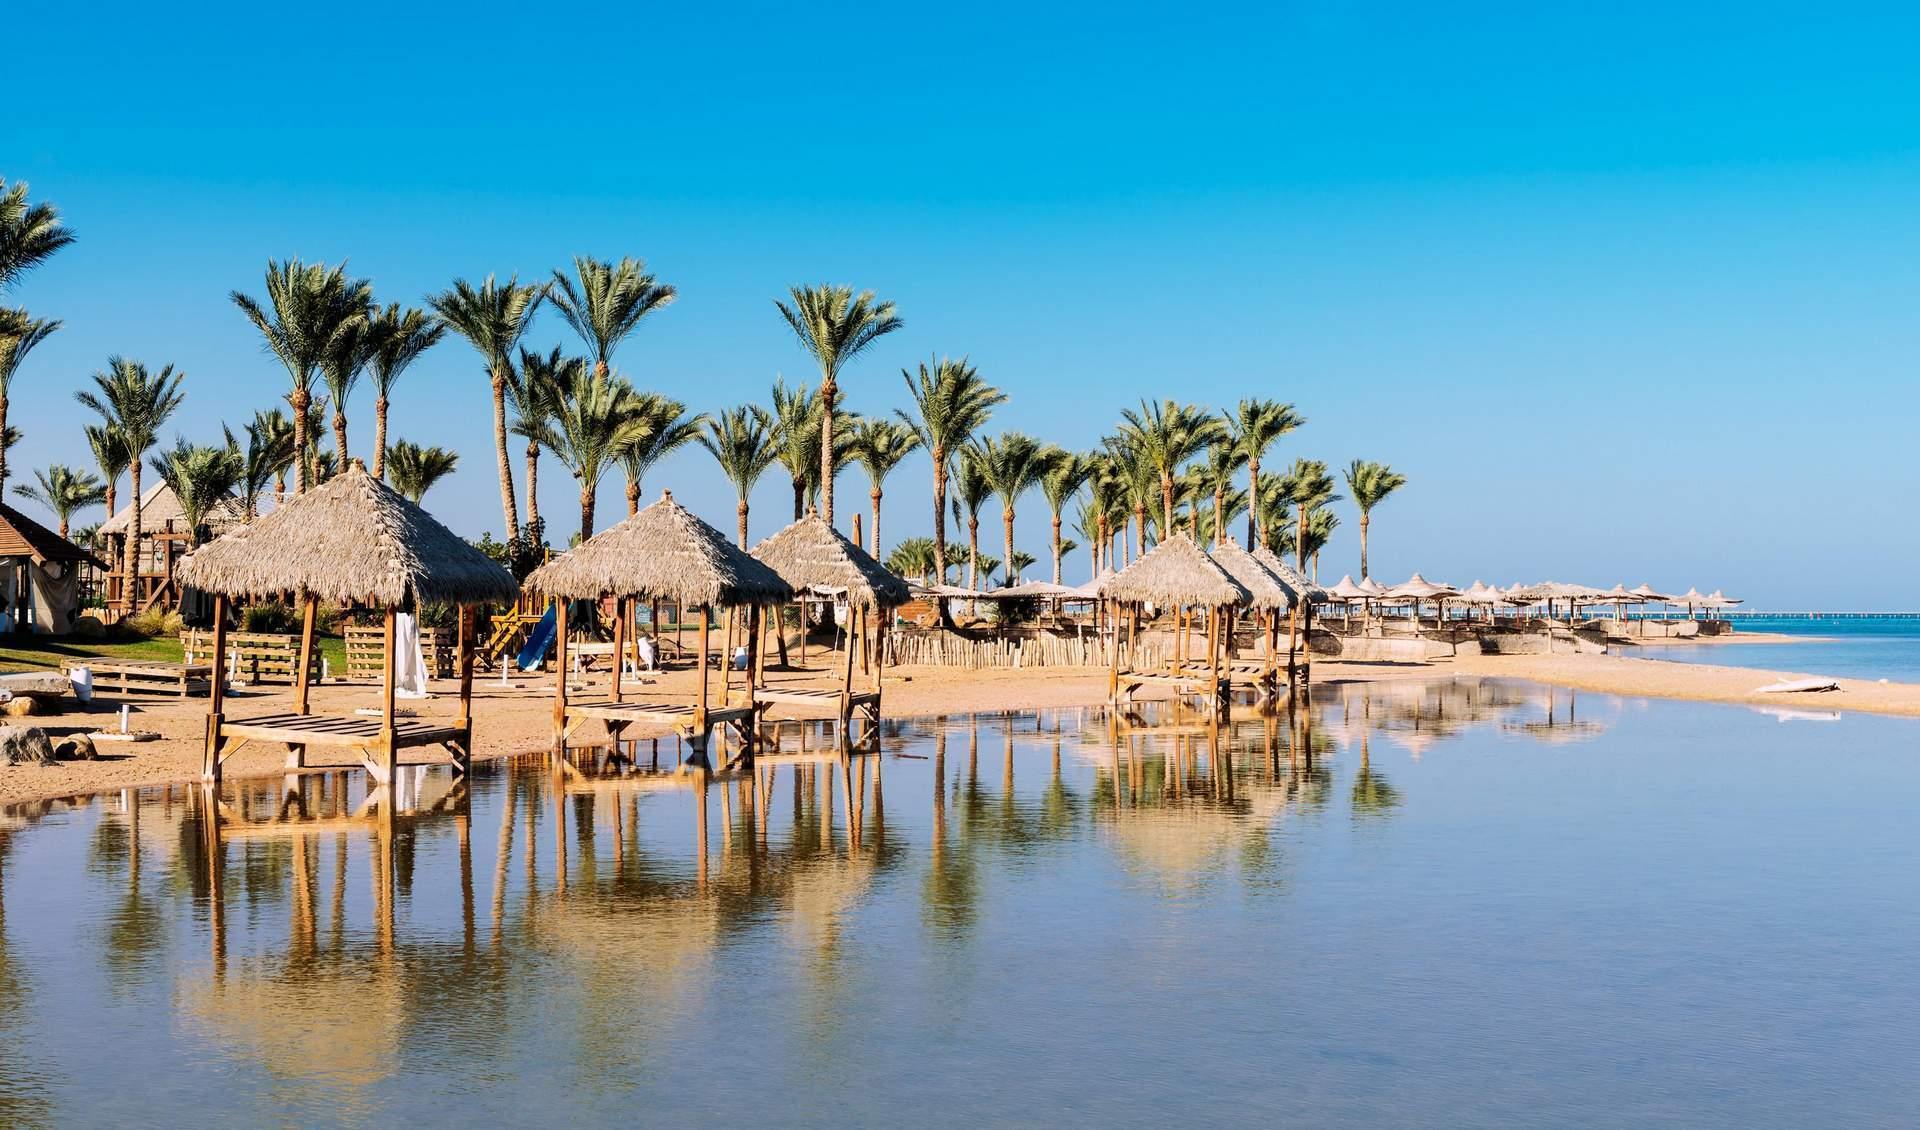 Египет вновь стал одним из топовых направлений для отдыха